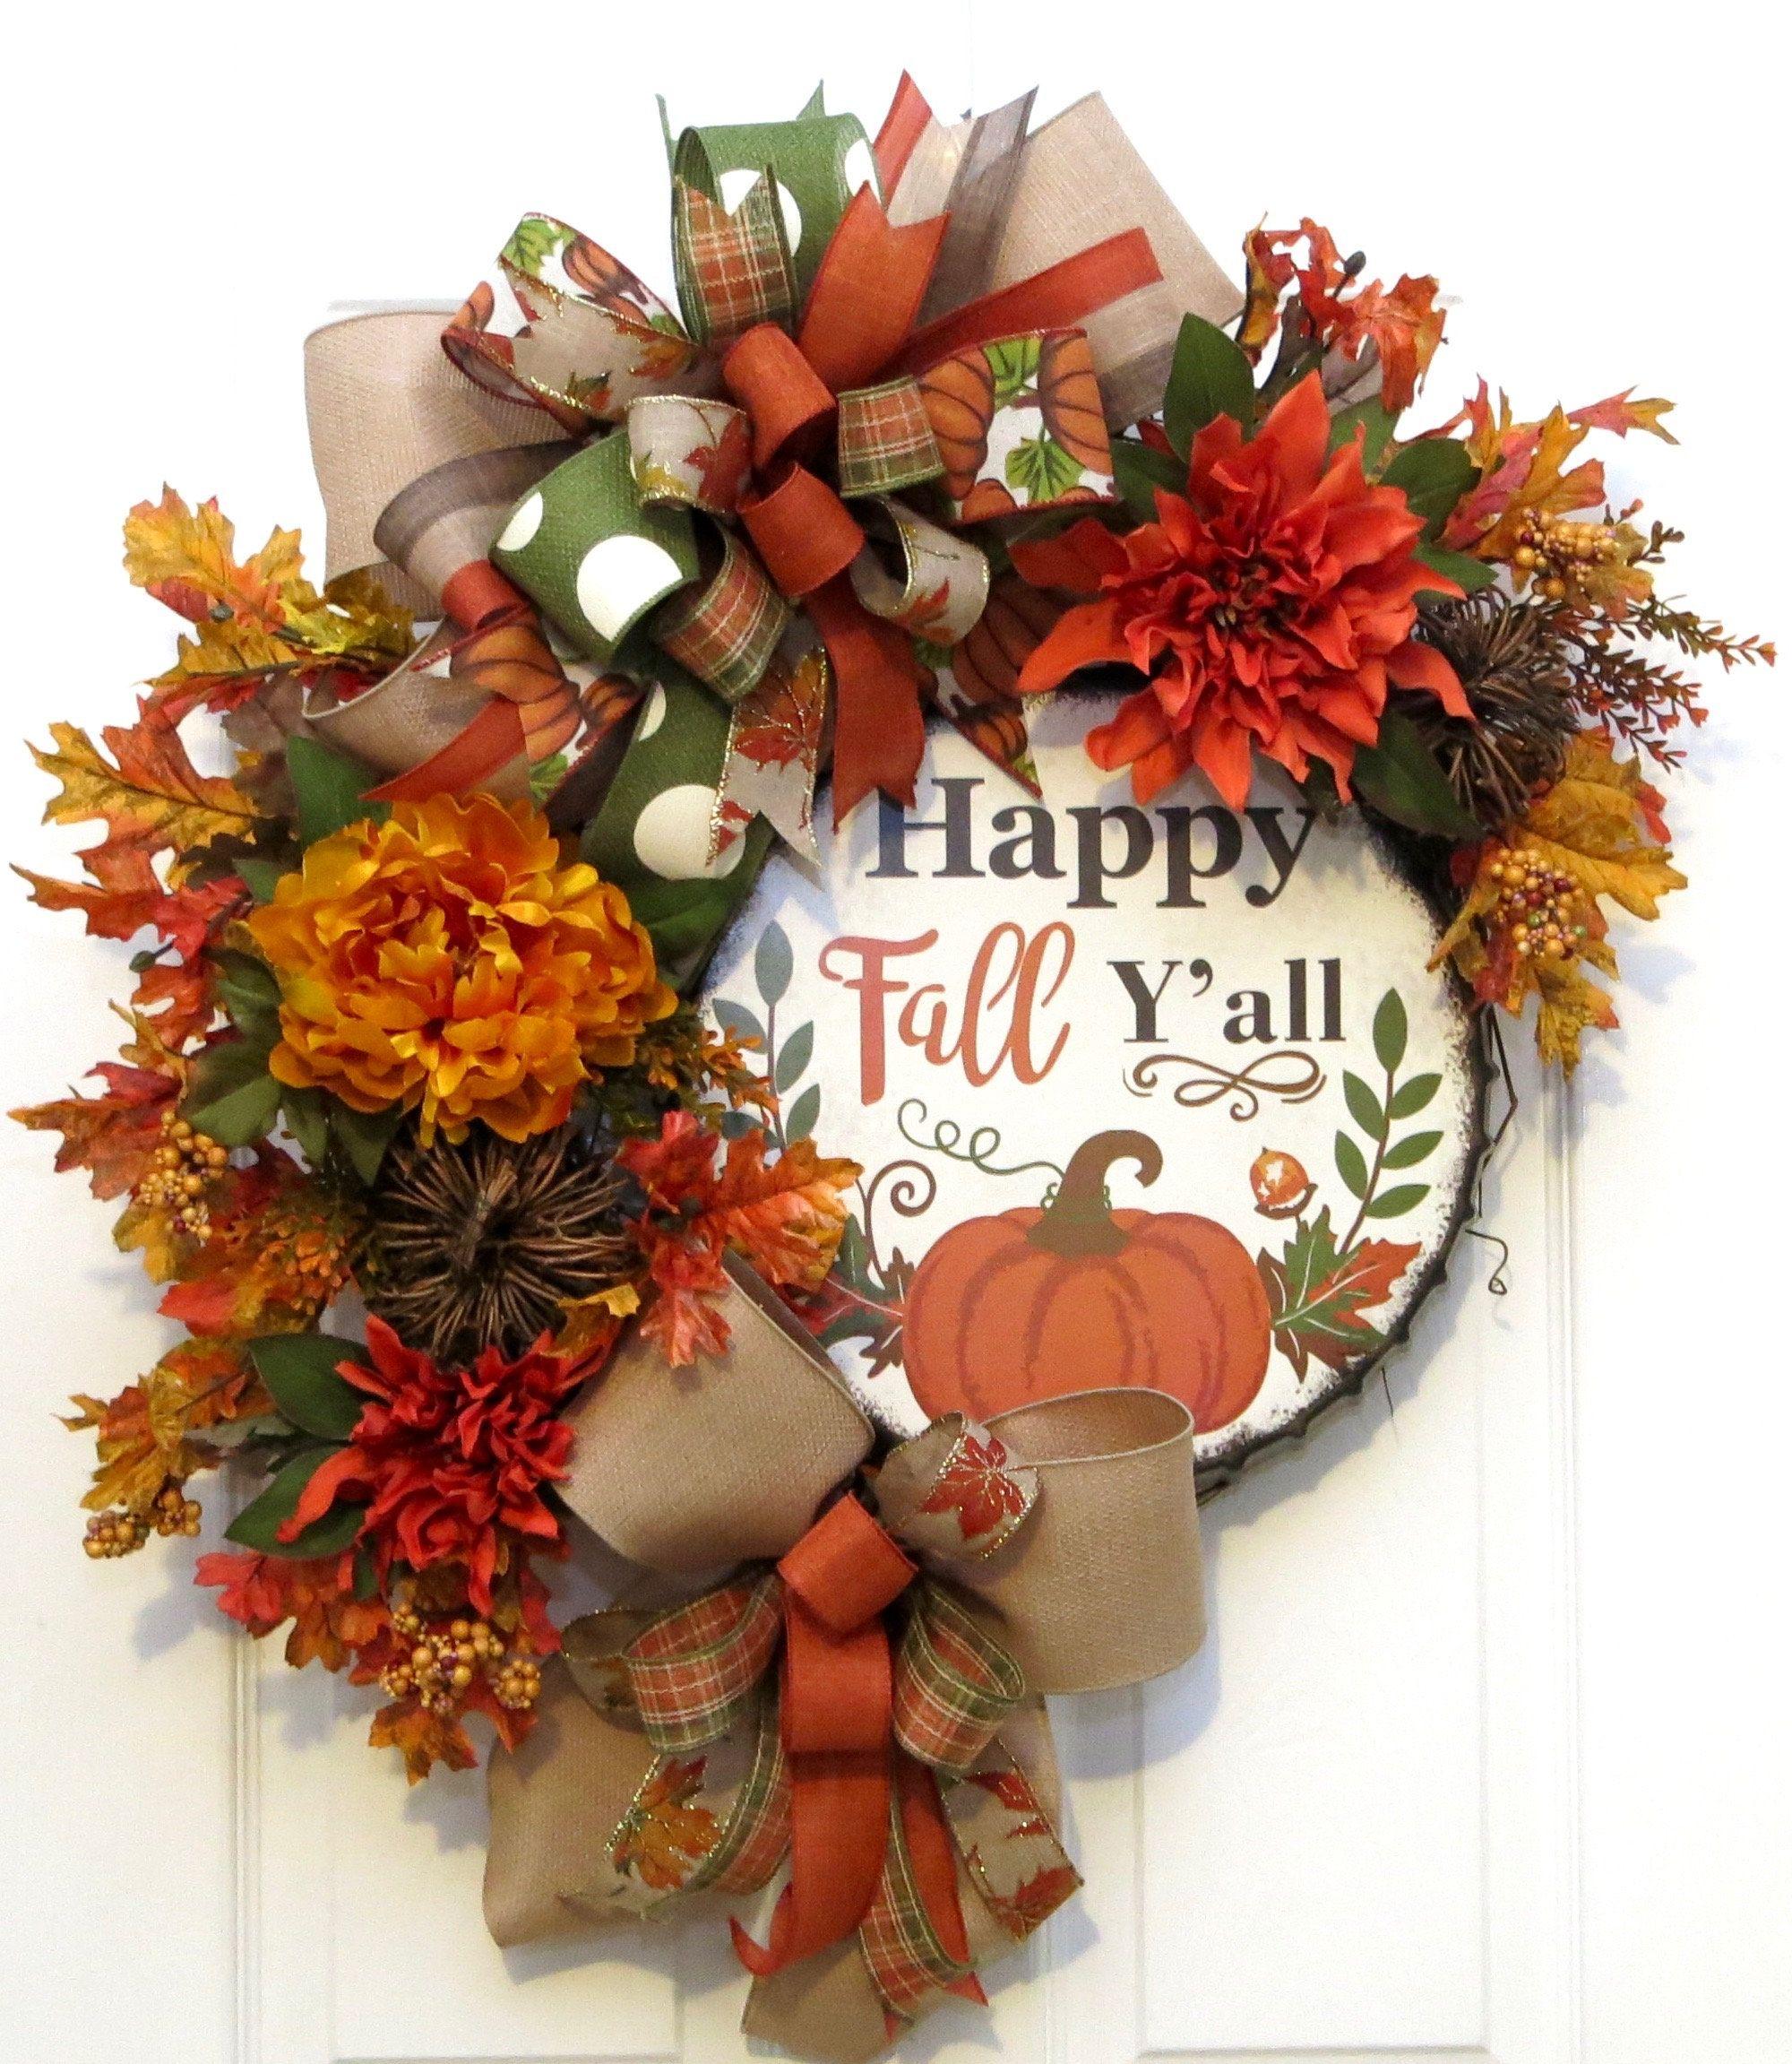 Fall Pumpkin Wreath Holiday Wreath Happy Fall Wreath Fall Pumpkin Decor Fall Decor Fall Wreath